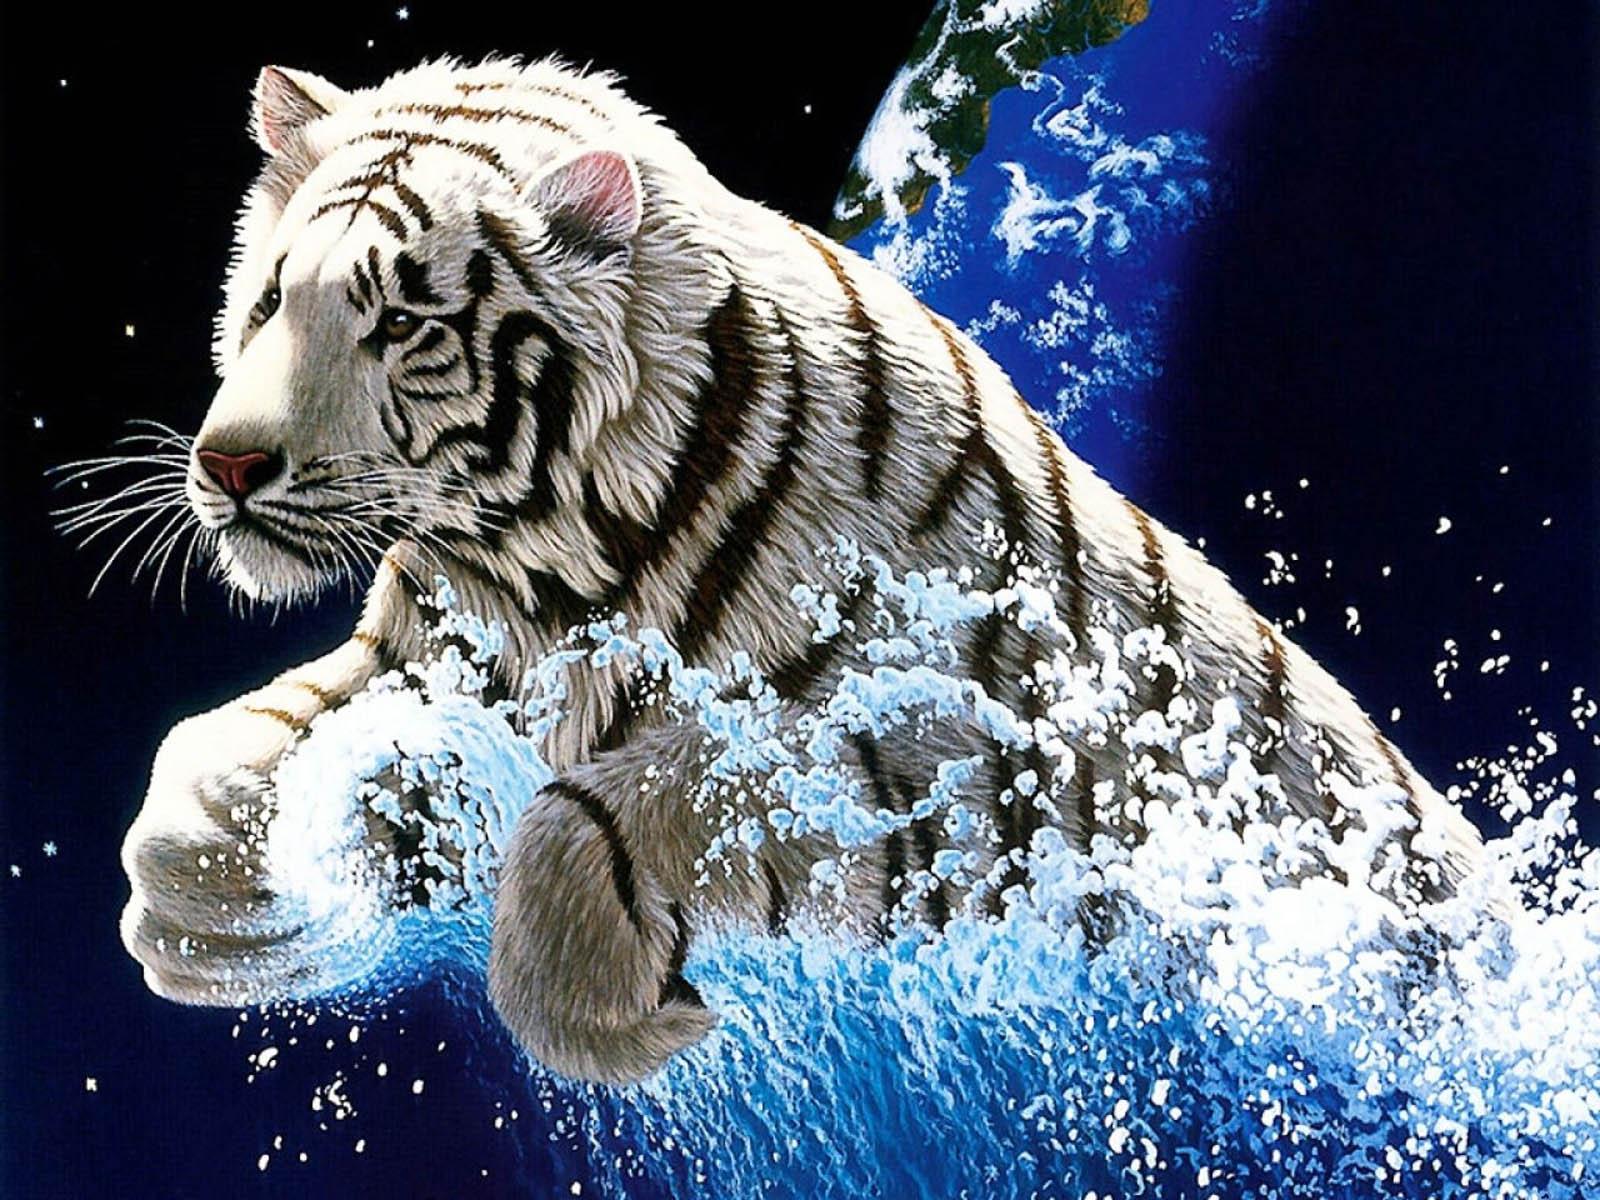 the Tiger 3D Wallpapers Tiger 3D Desktop Wallpapers Tiger 3D Desktop 1600x1200